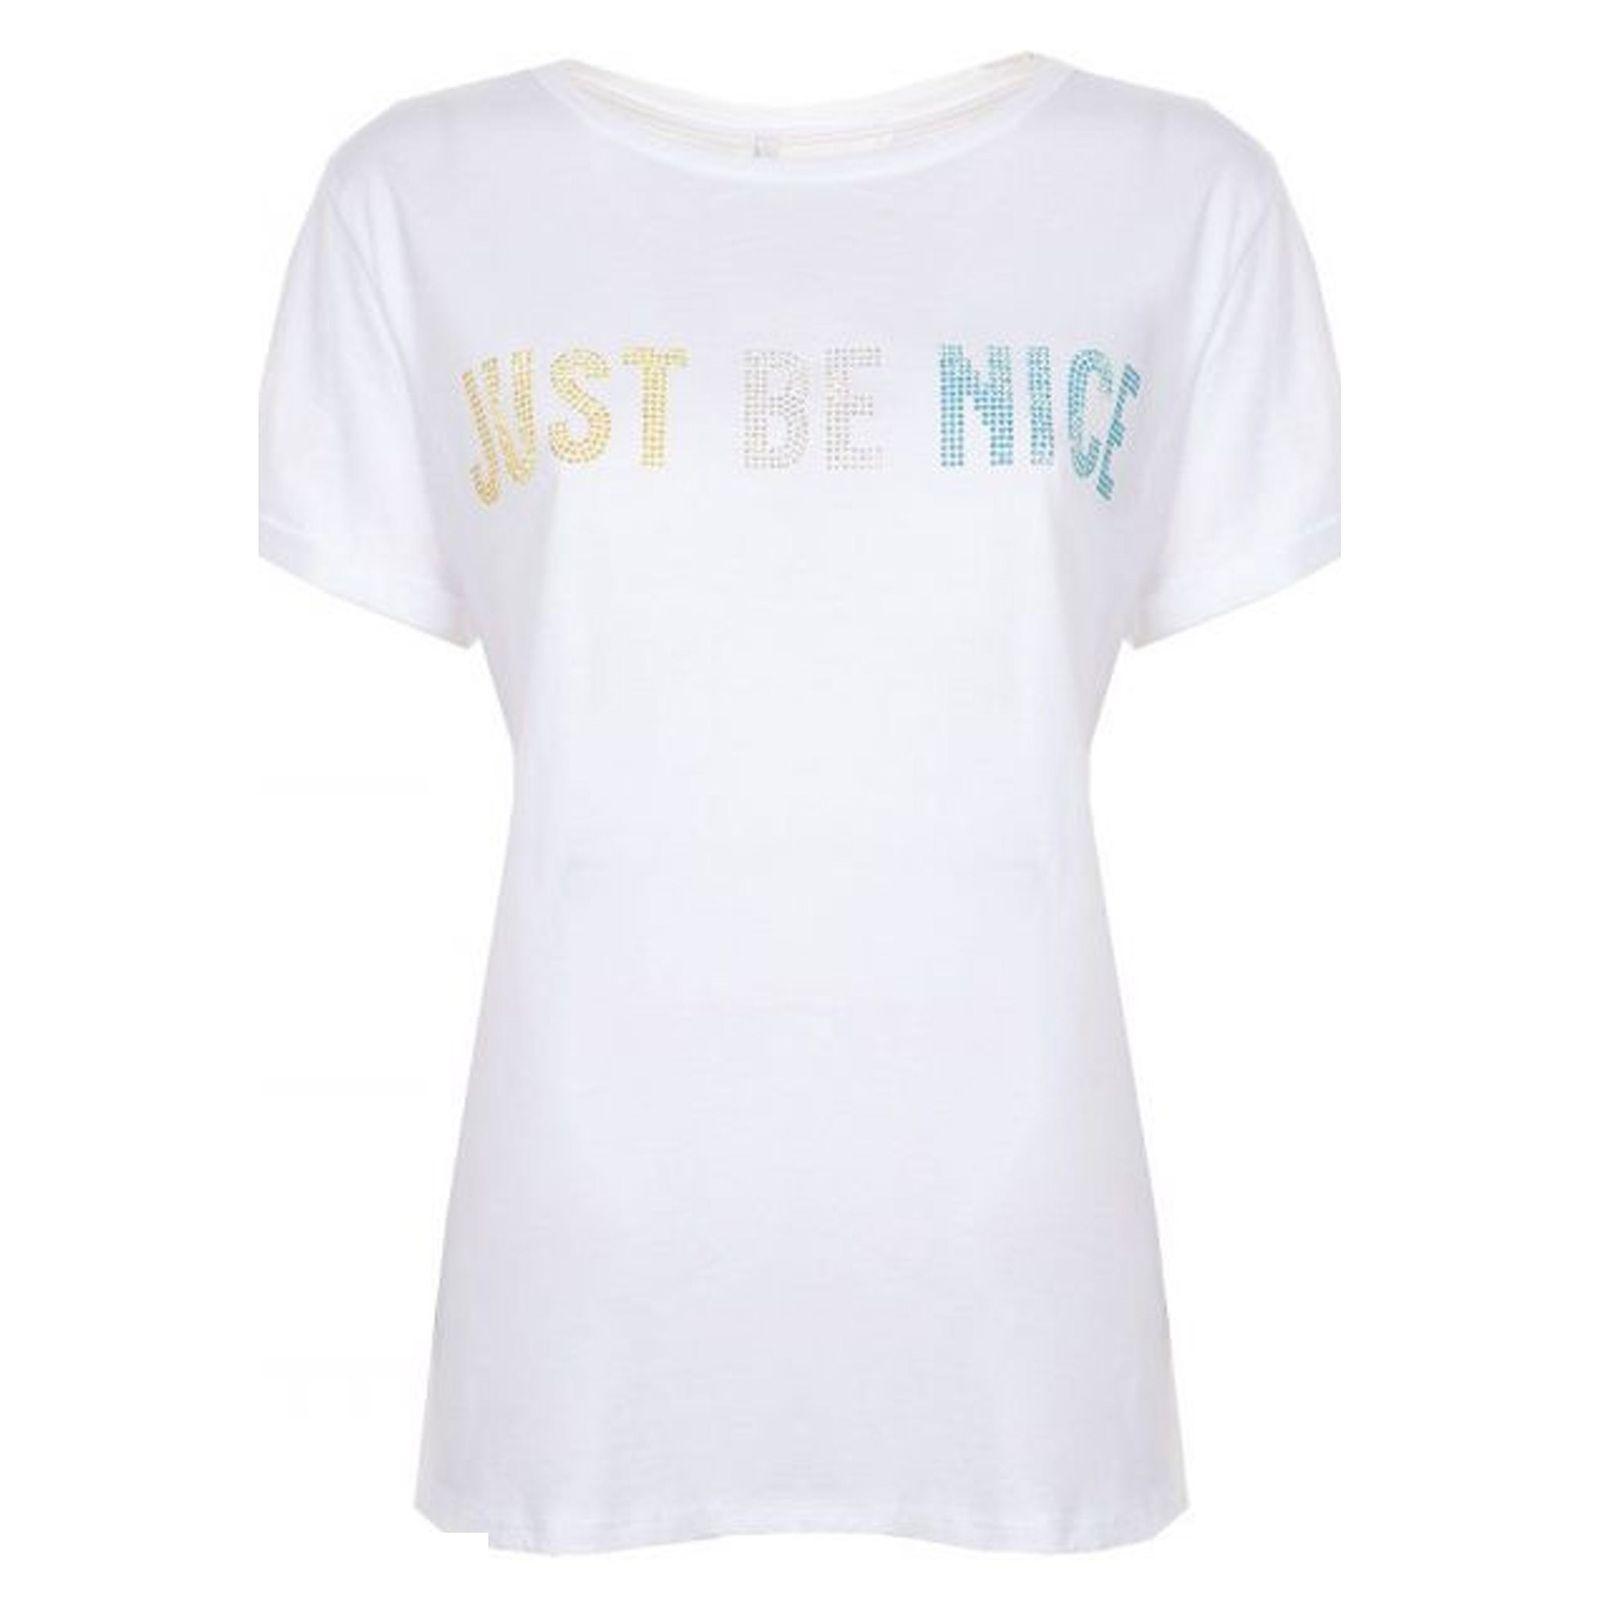 تی شرت نخی یقه گرد زنانه - امپریال - سفيد - 2